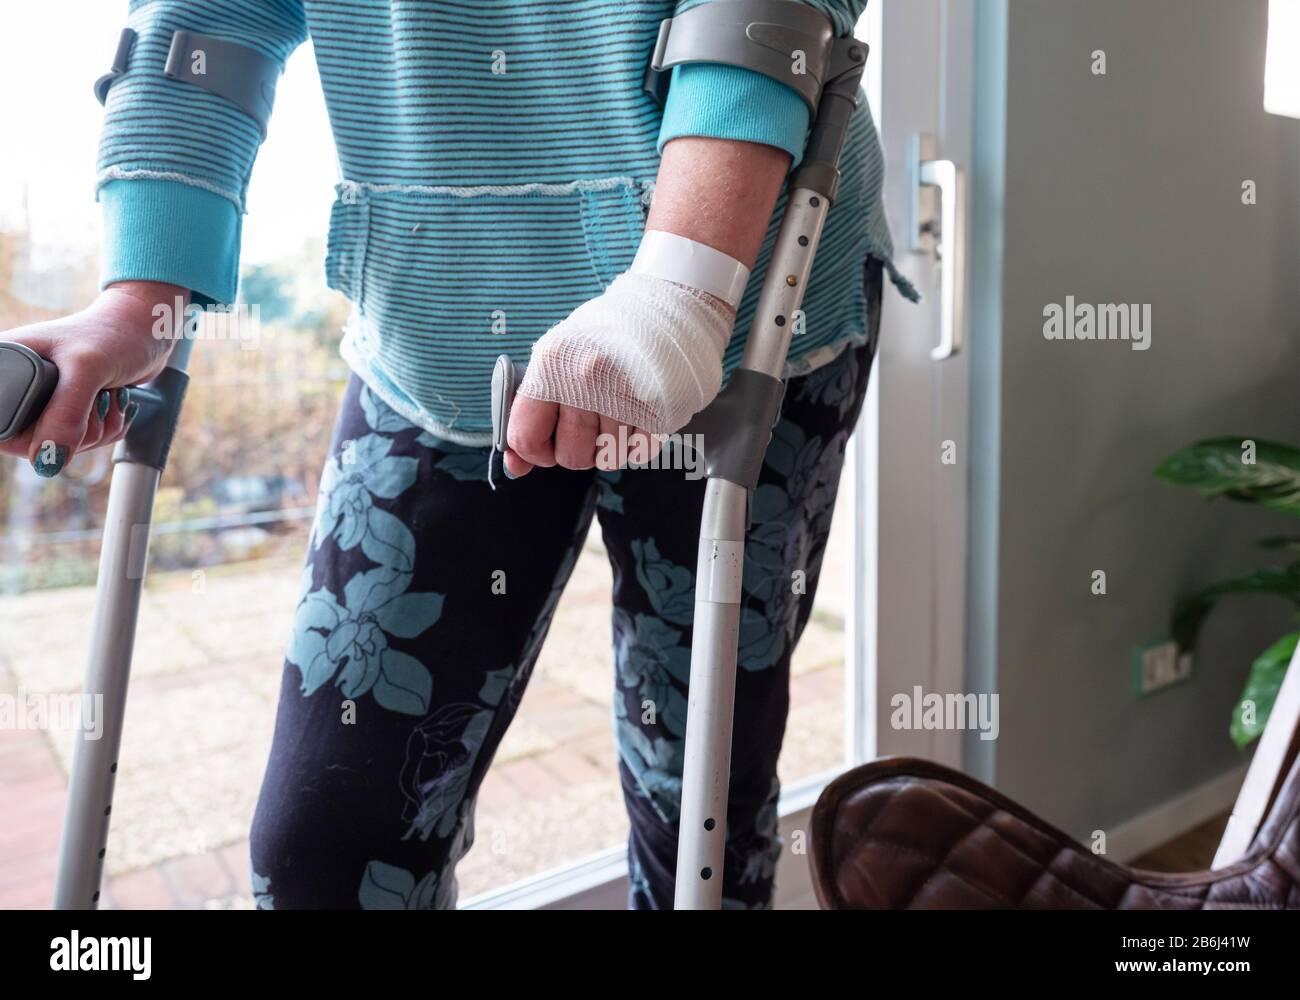 Gips krücken gebrochen bein Bein gebrochen?